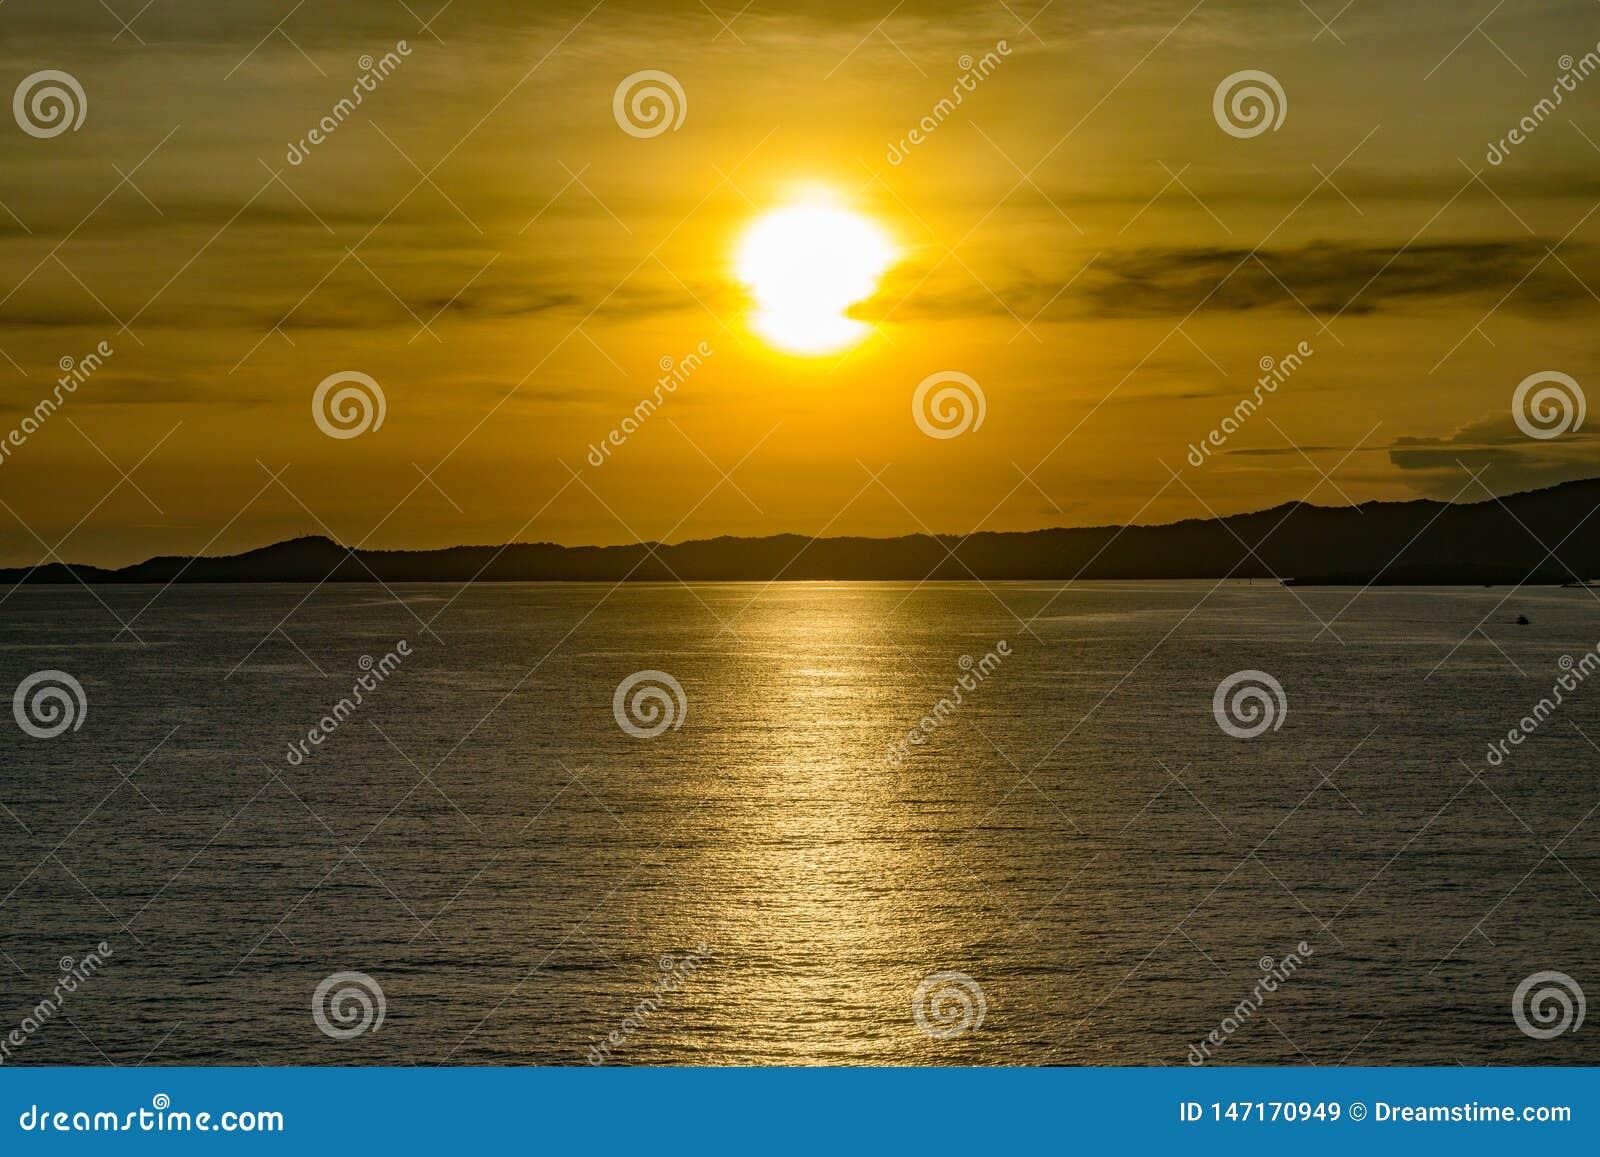 Zonsondergang op een ontspannende avond in Honduras